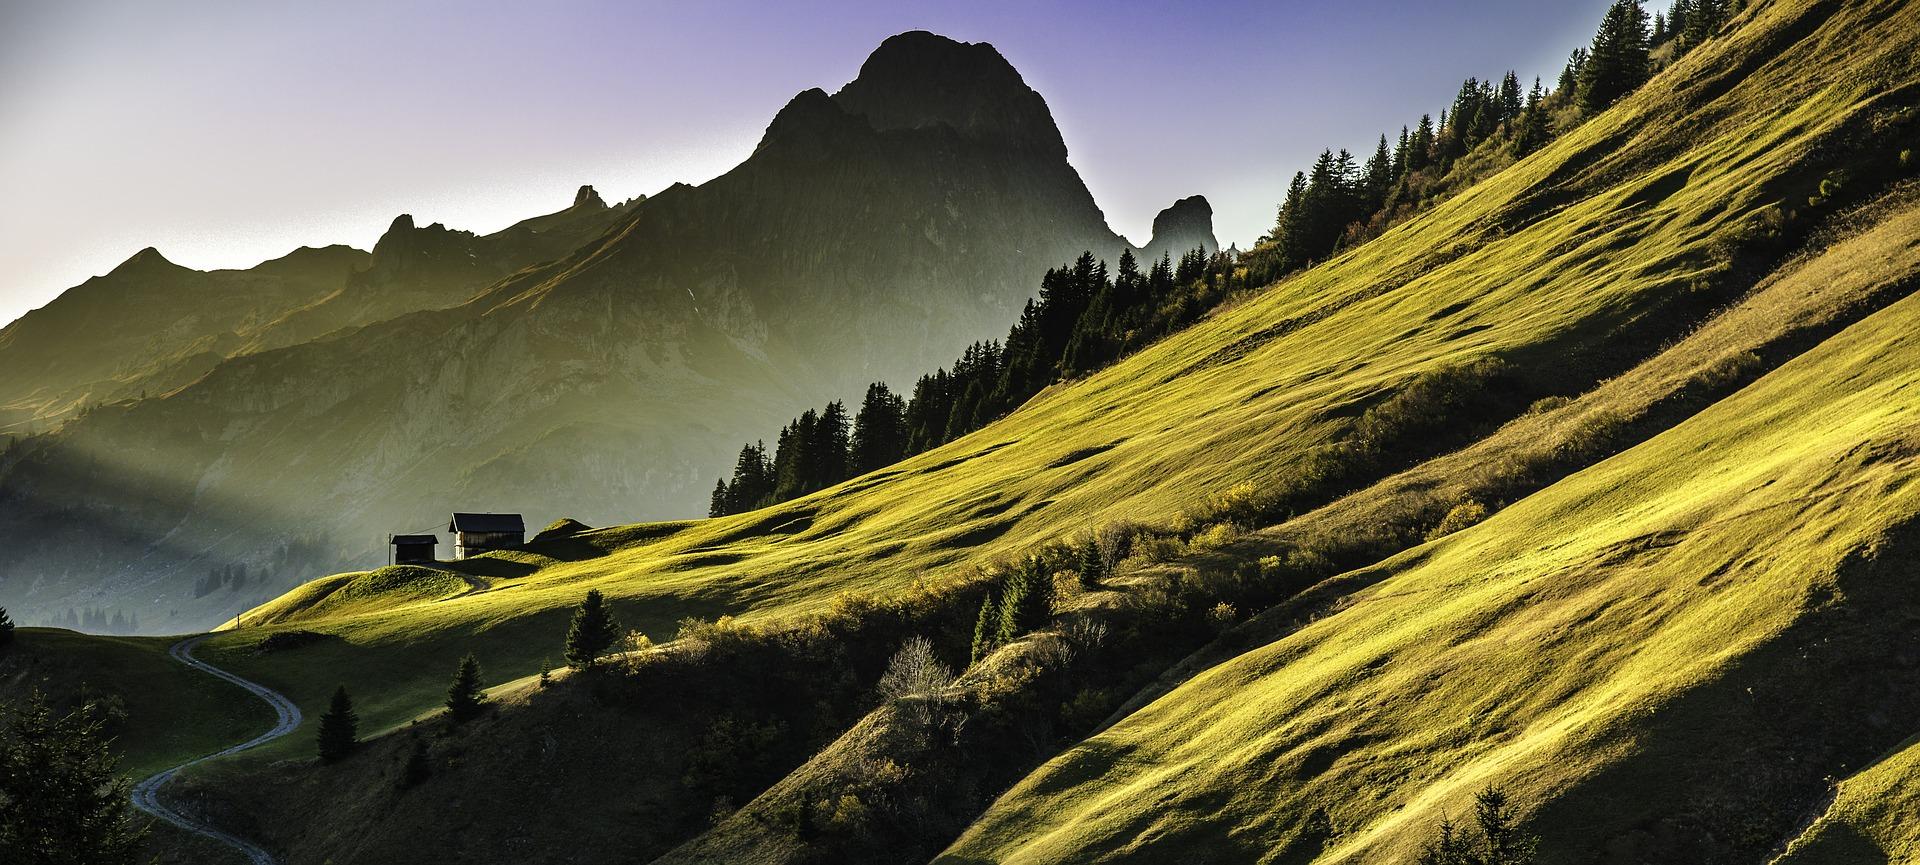 landscape-640617_1920